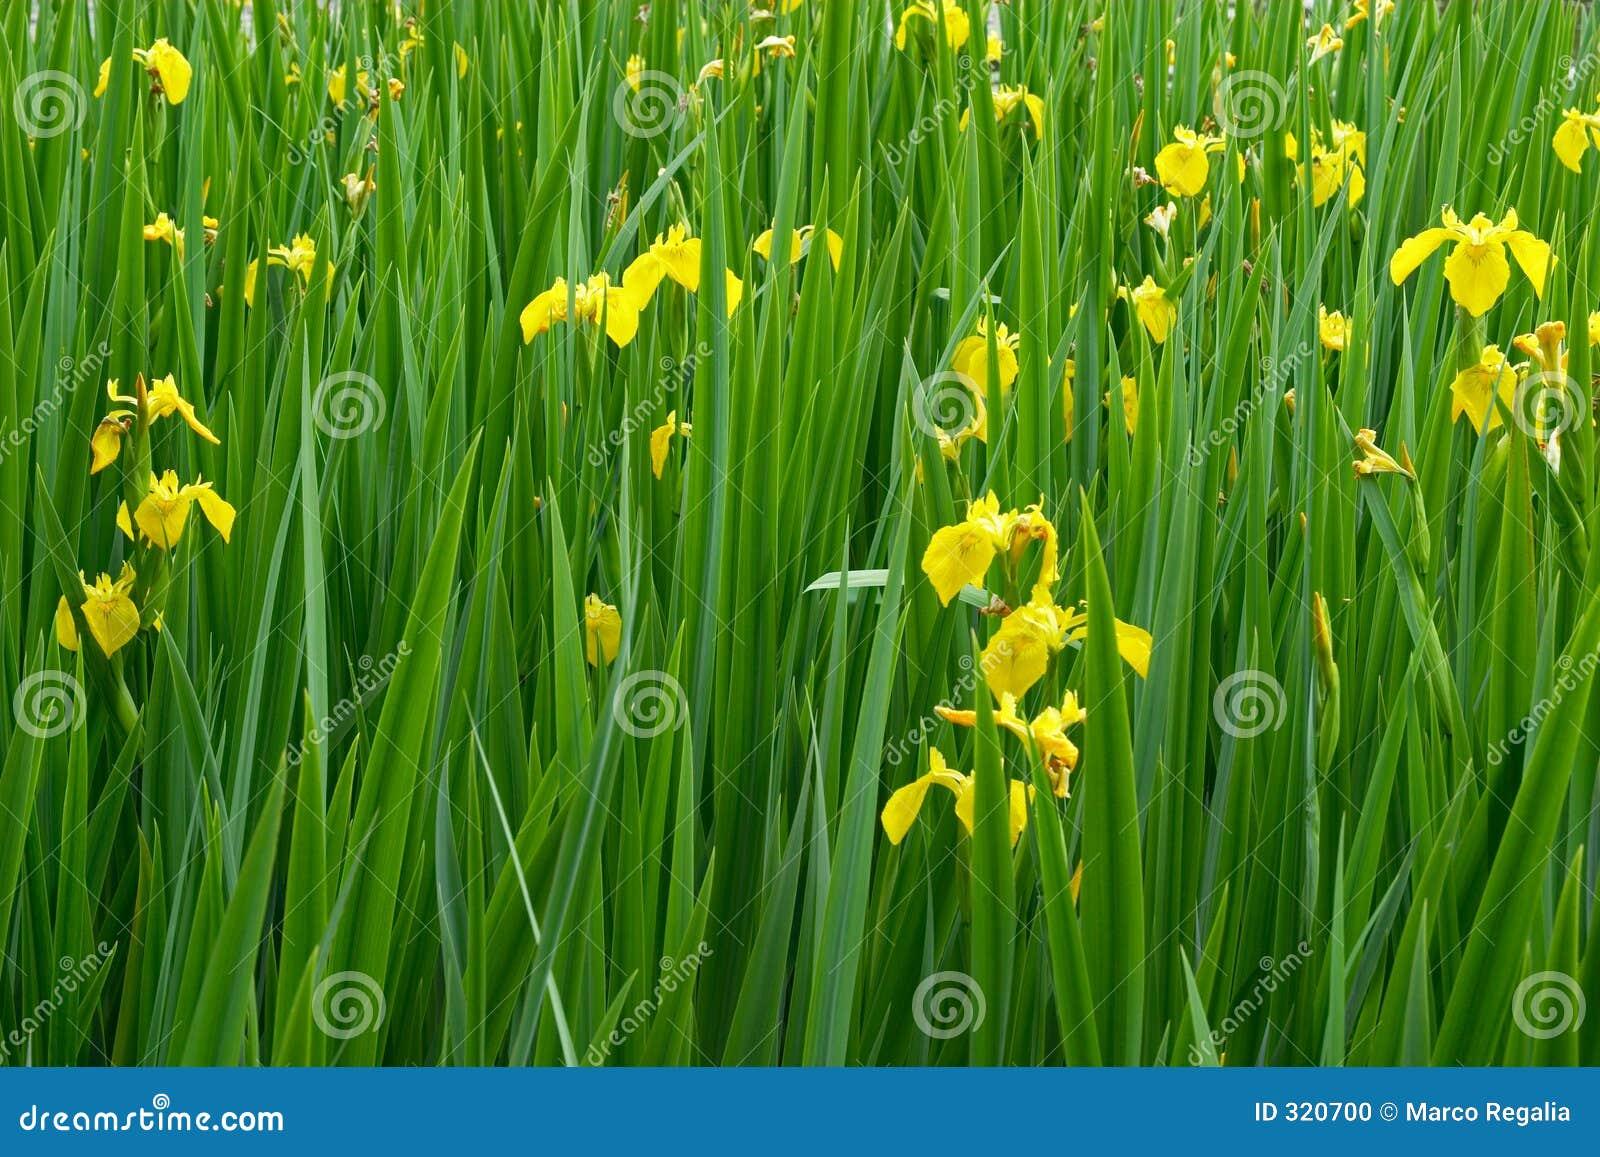 jardim rosas amarelas:Flores Da íris Amarela Na Flor Foto de Stock – Imagem: 320700